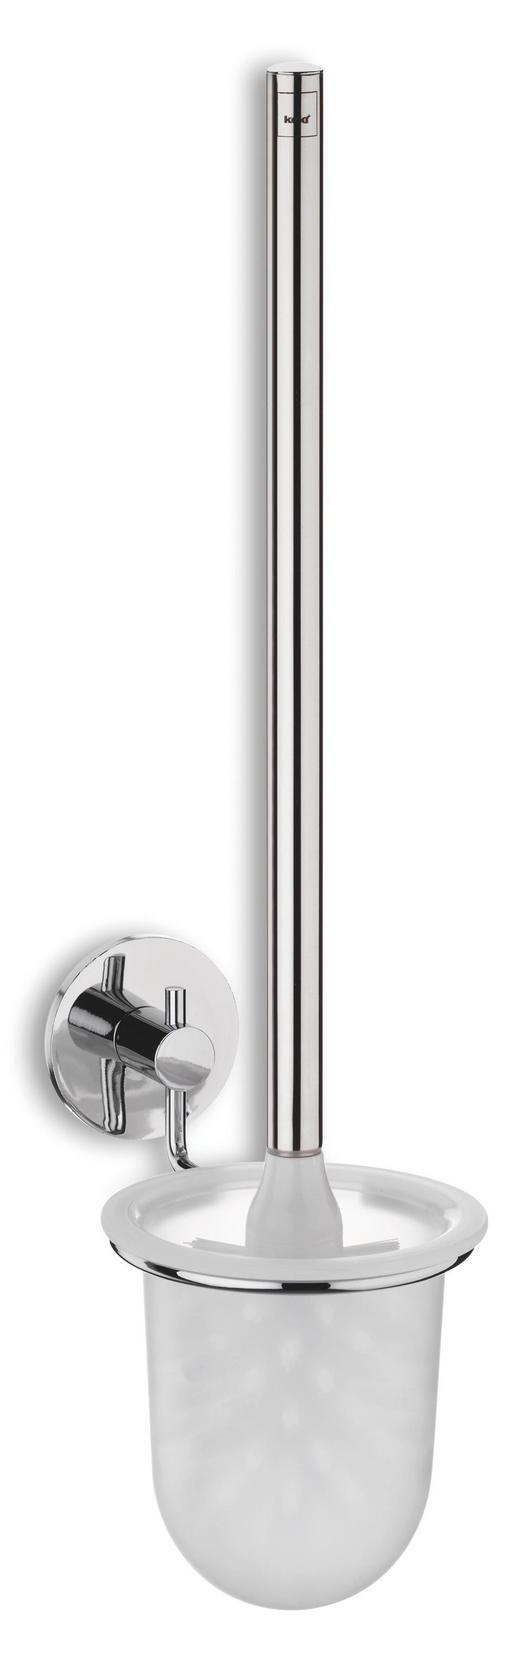 WC-BÜRSTENGARNITUR - Basics, Kunststoff/Metall (15/43cm)